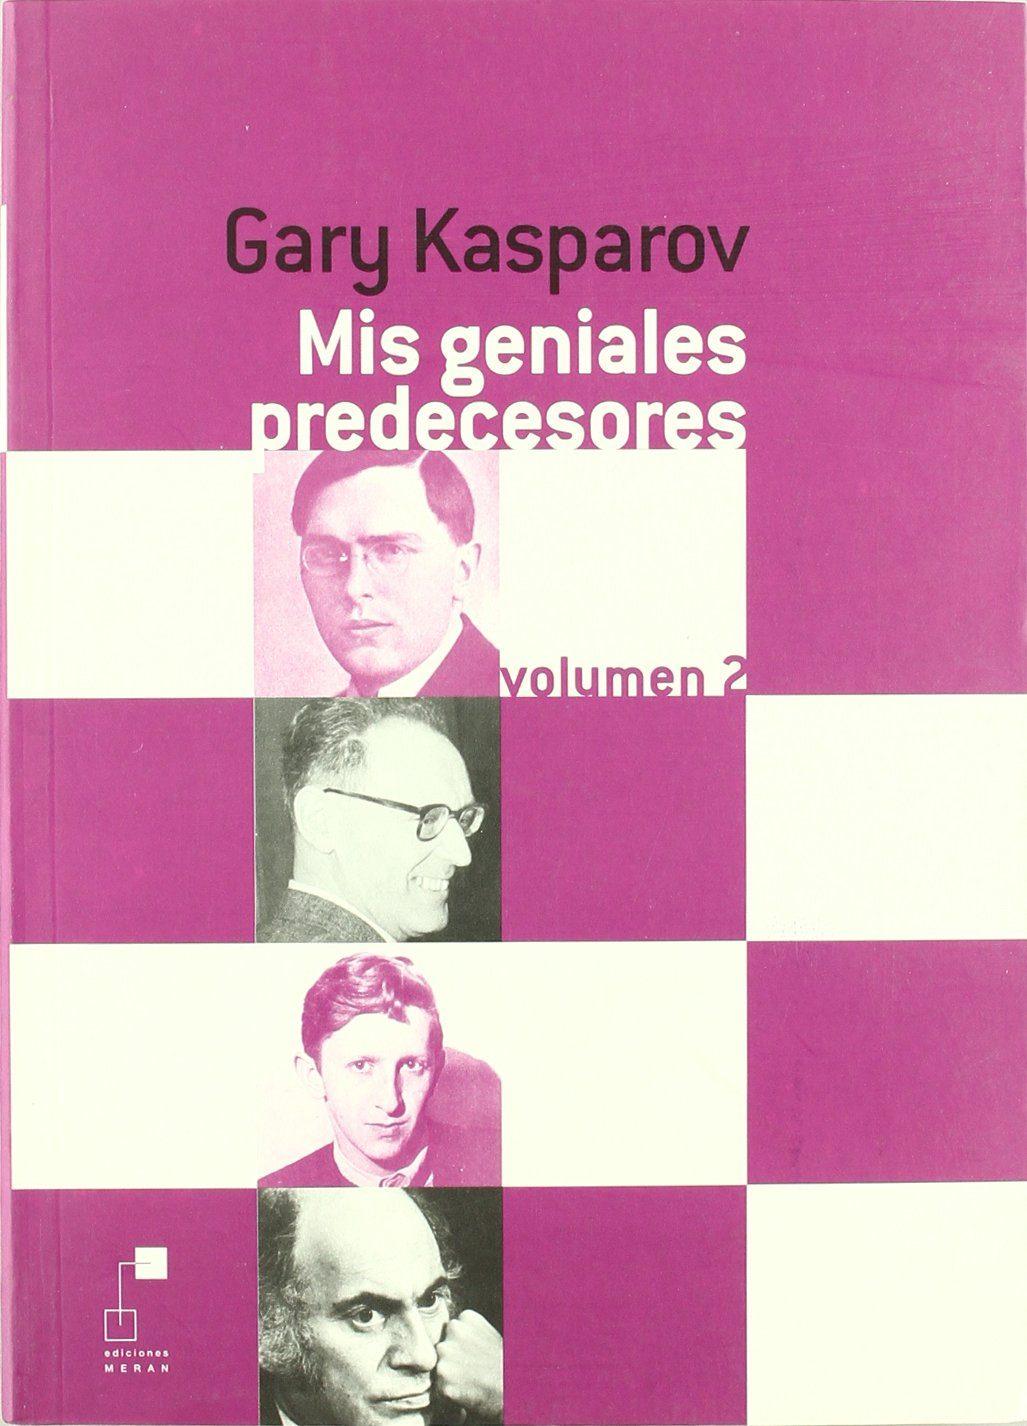 Mis geniales predecesores Volumen 2 (ed. lujo tapa dura)